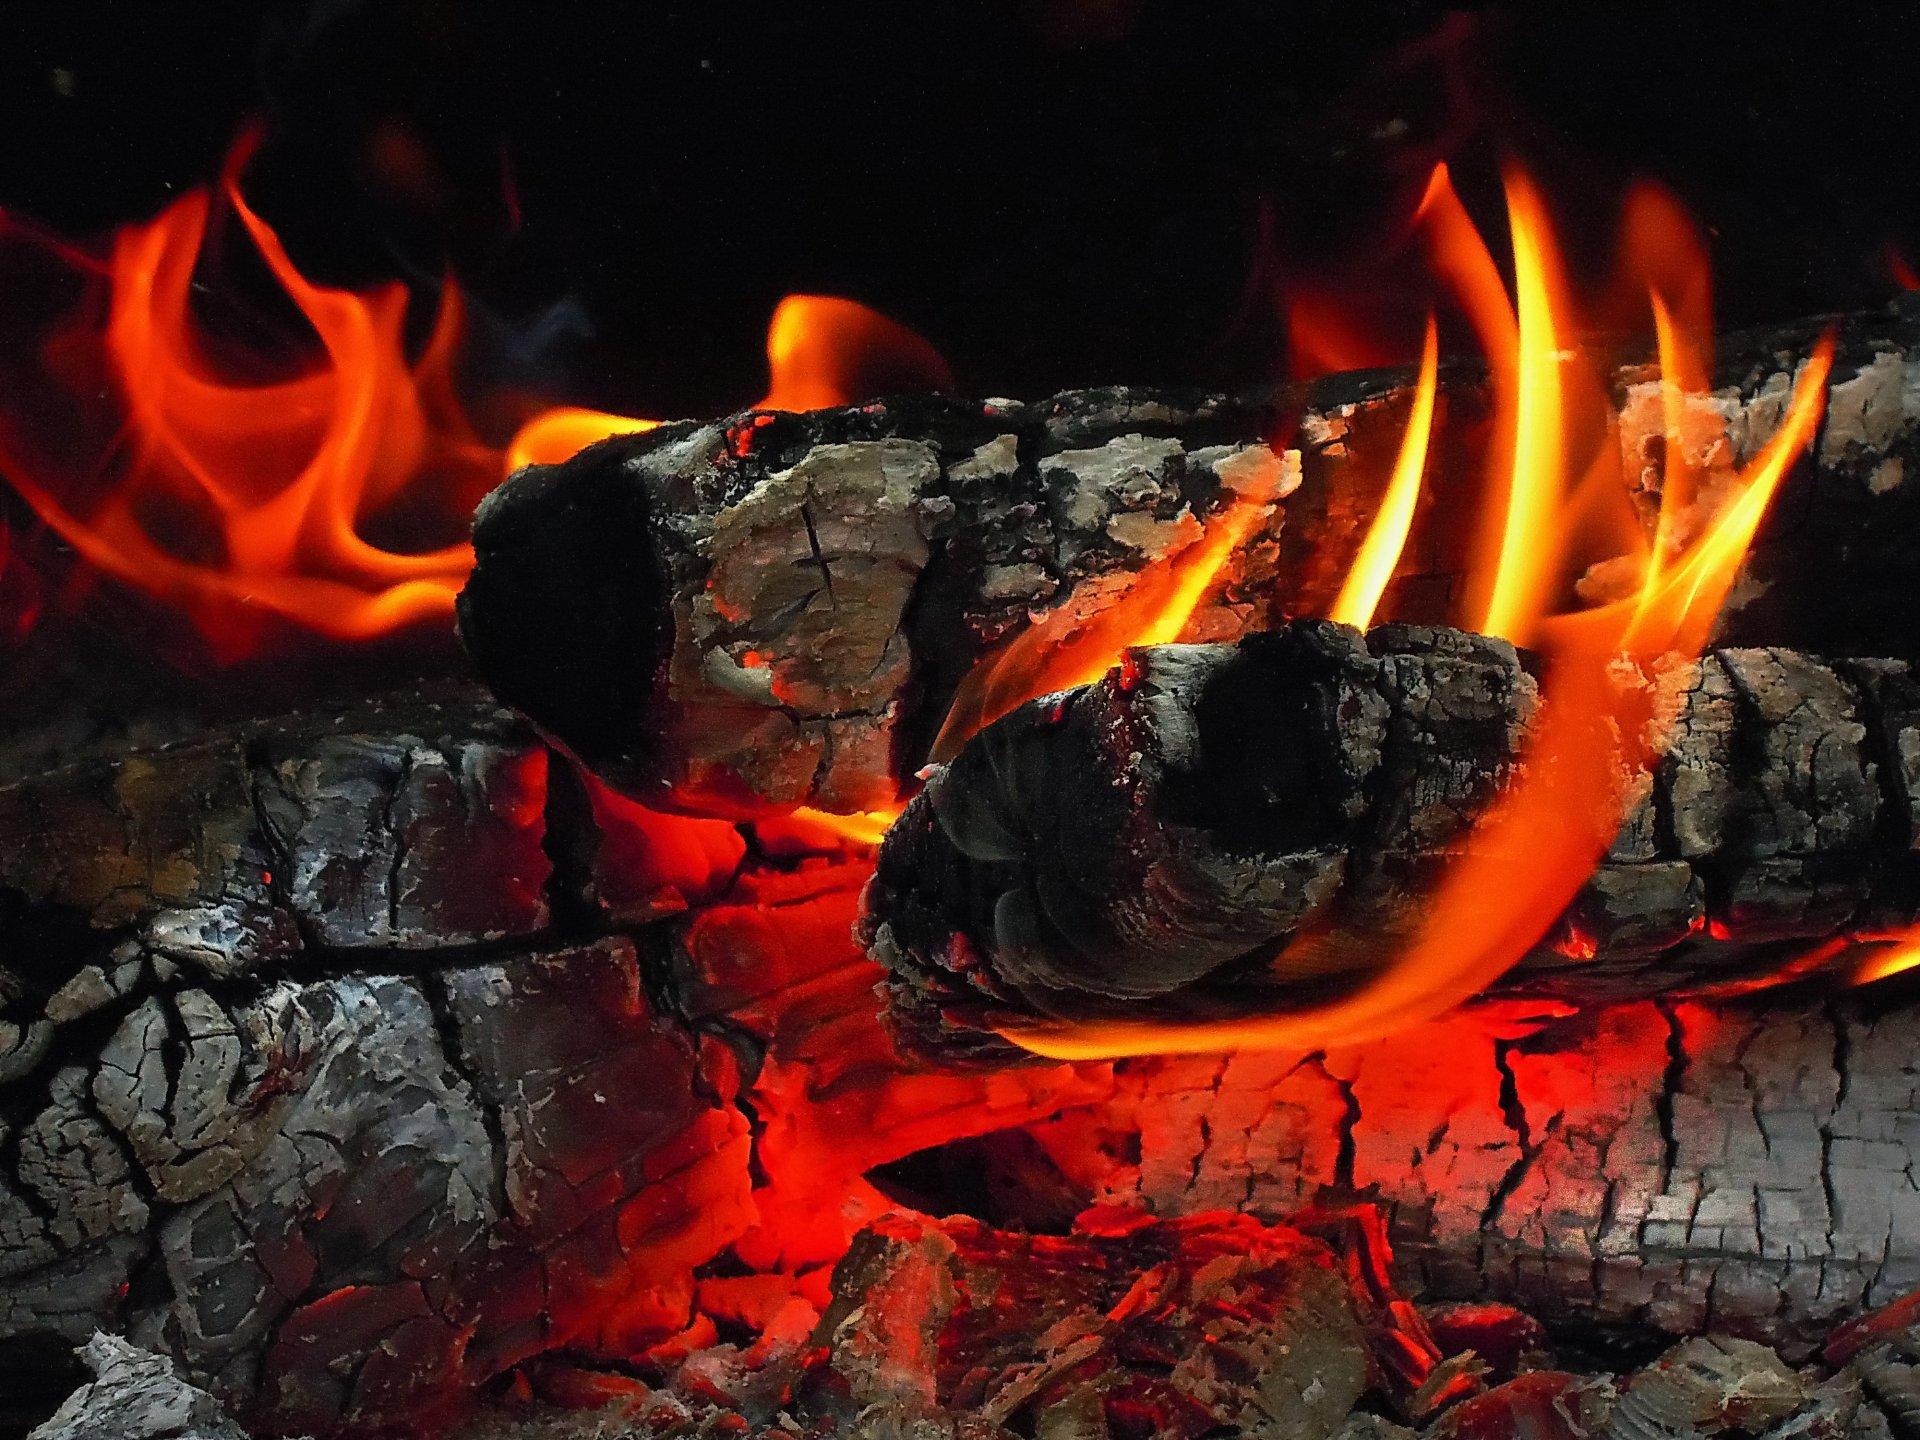 картинки с огнем на комп что обратить внимание